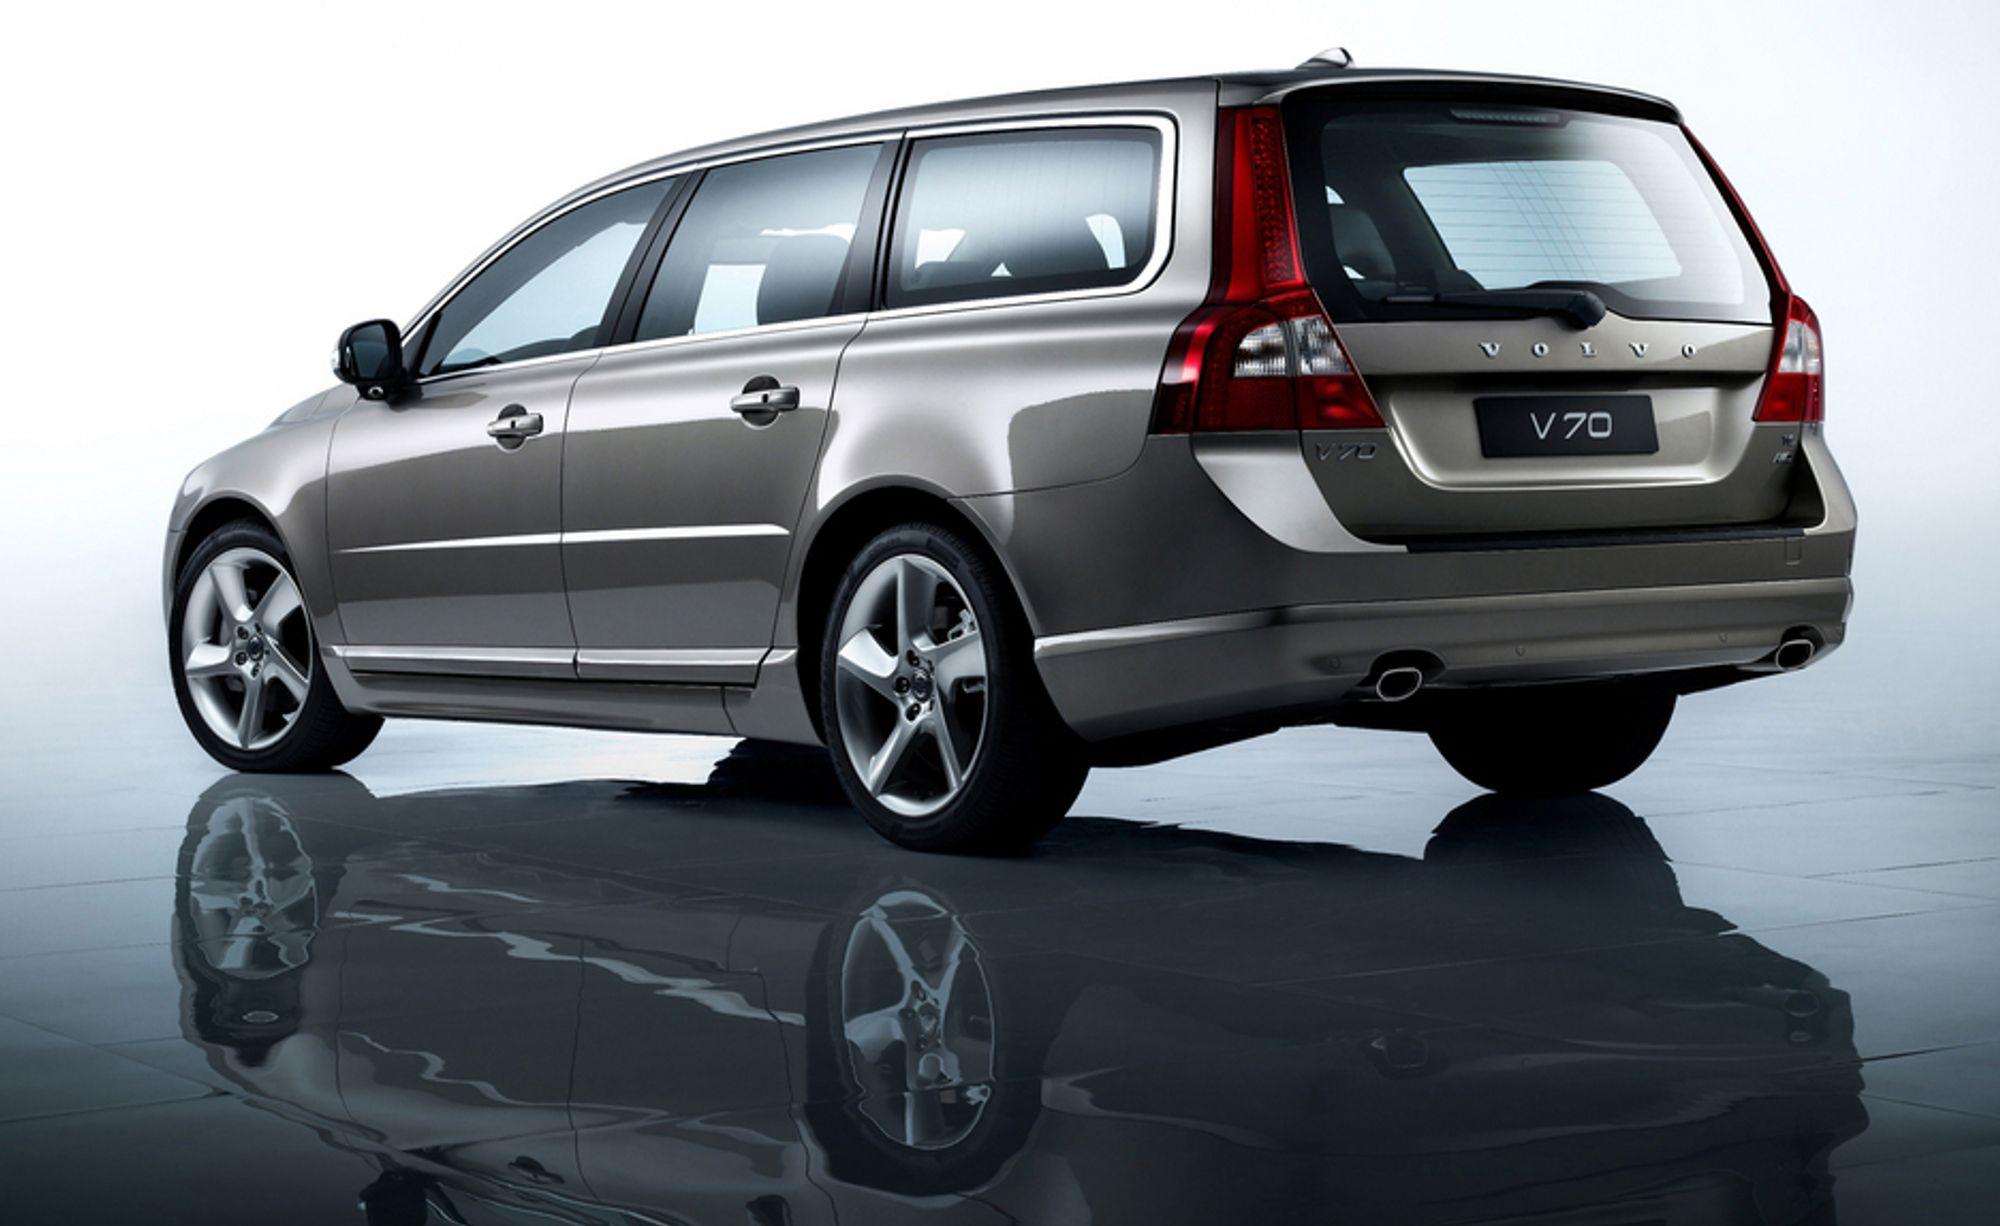 ØNSKER FLERE SLIKE: Direktør i Trygg Trafikk, Kari Sandberg, ønsker flere biler som for eksempel Volvo V70 på veiene for at folk skal kunne kjøre sikrere. Men sikkerhetsutstyr i biler øker vekten, noe som gjør høyere avgifter.